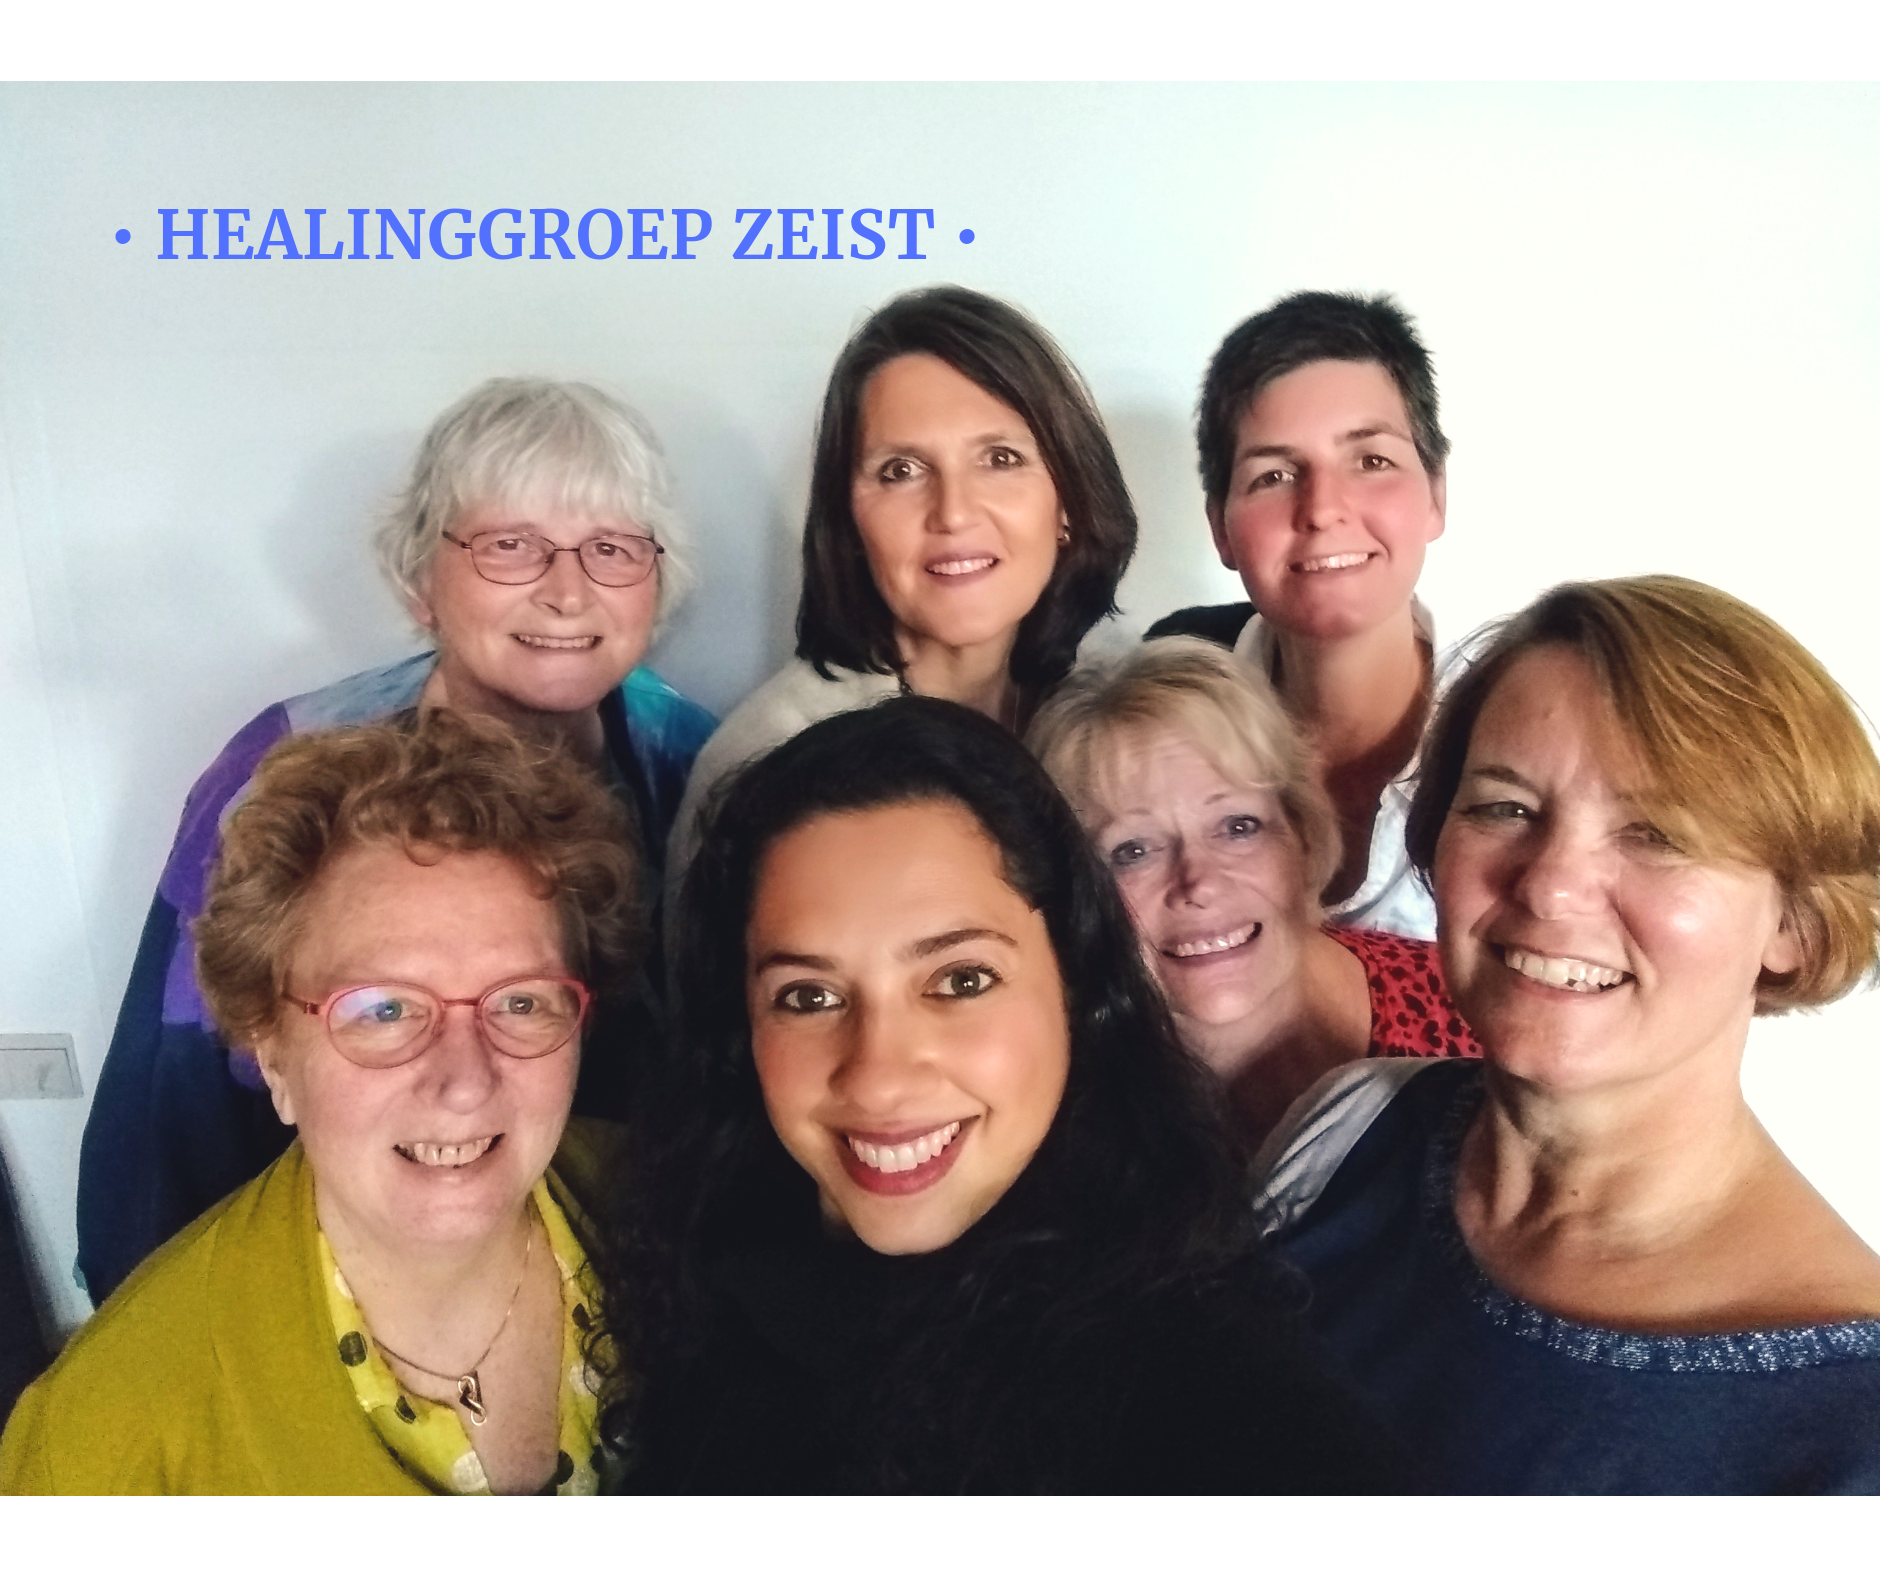 Healing Zeist